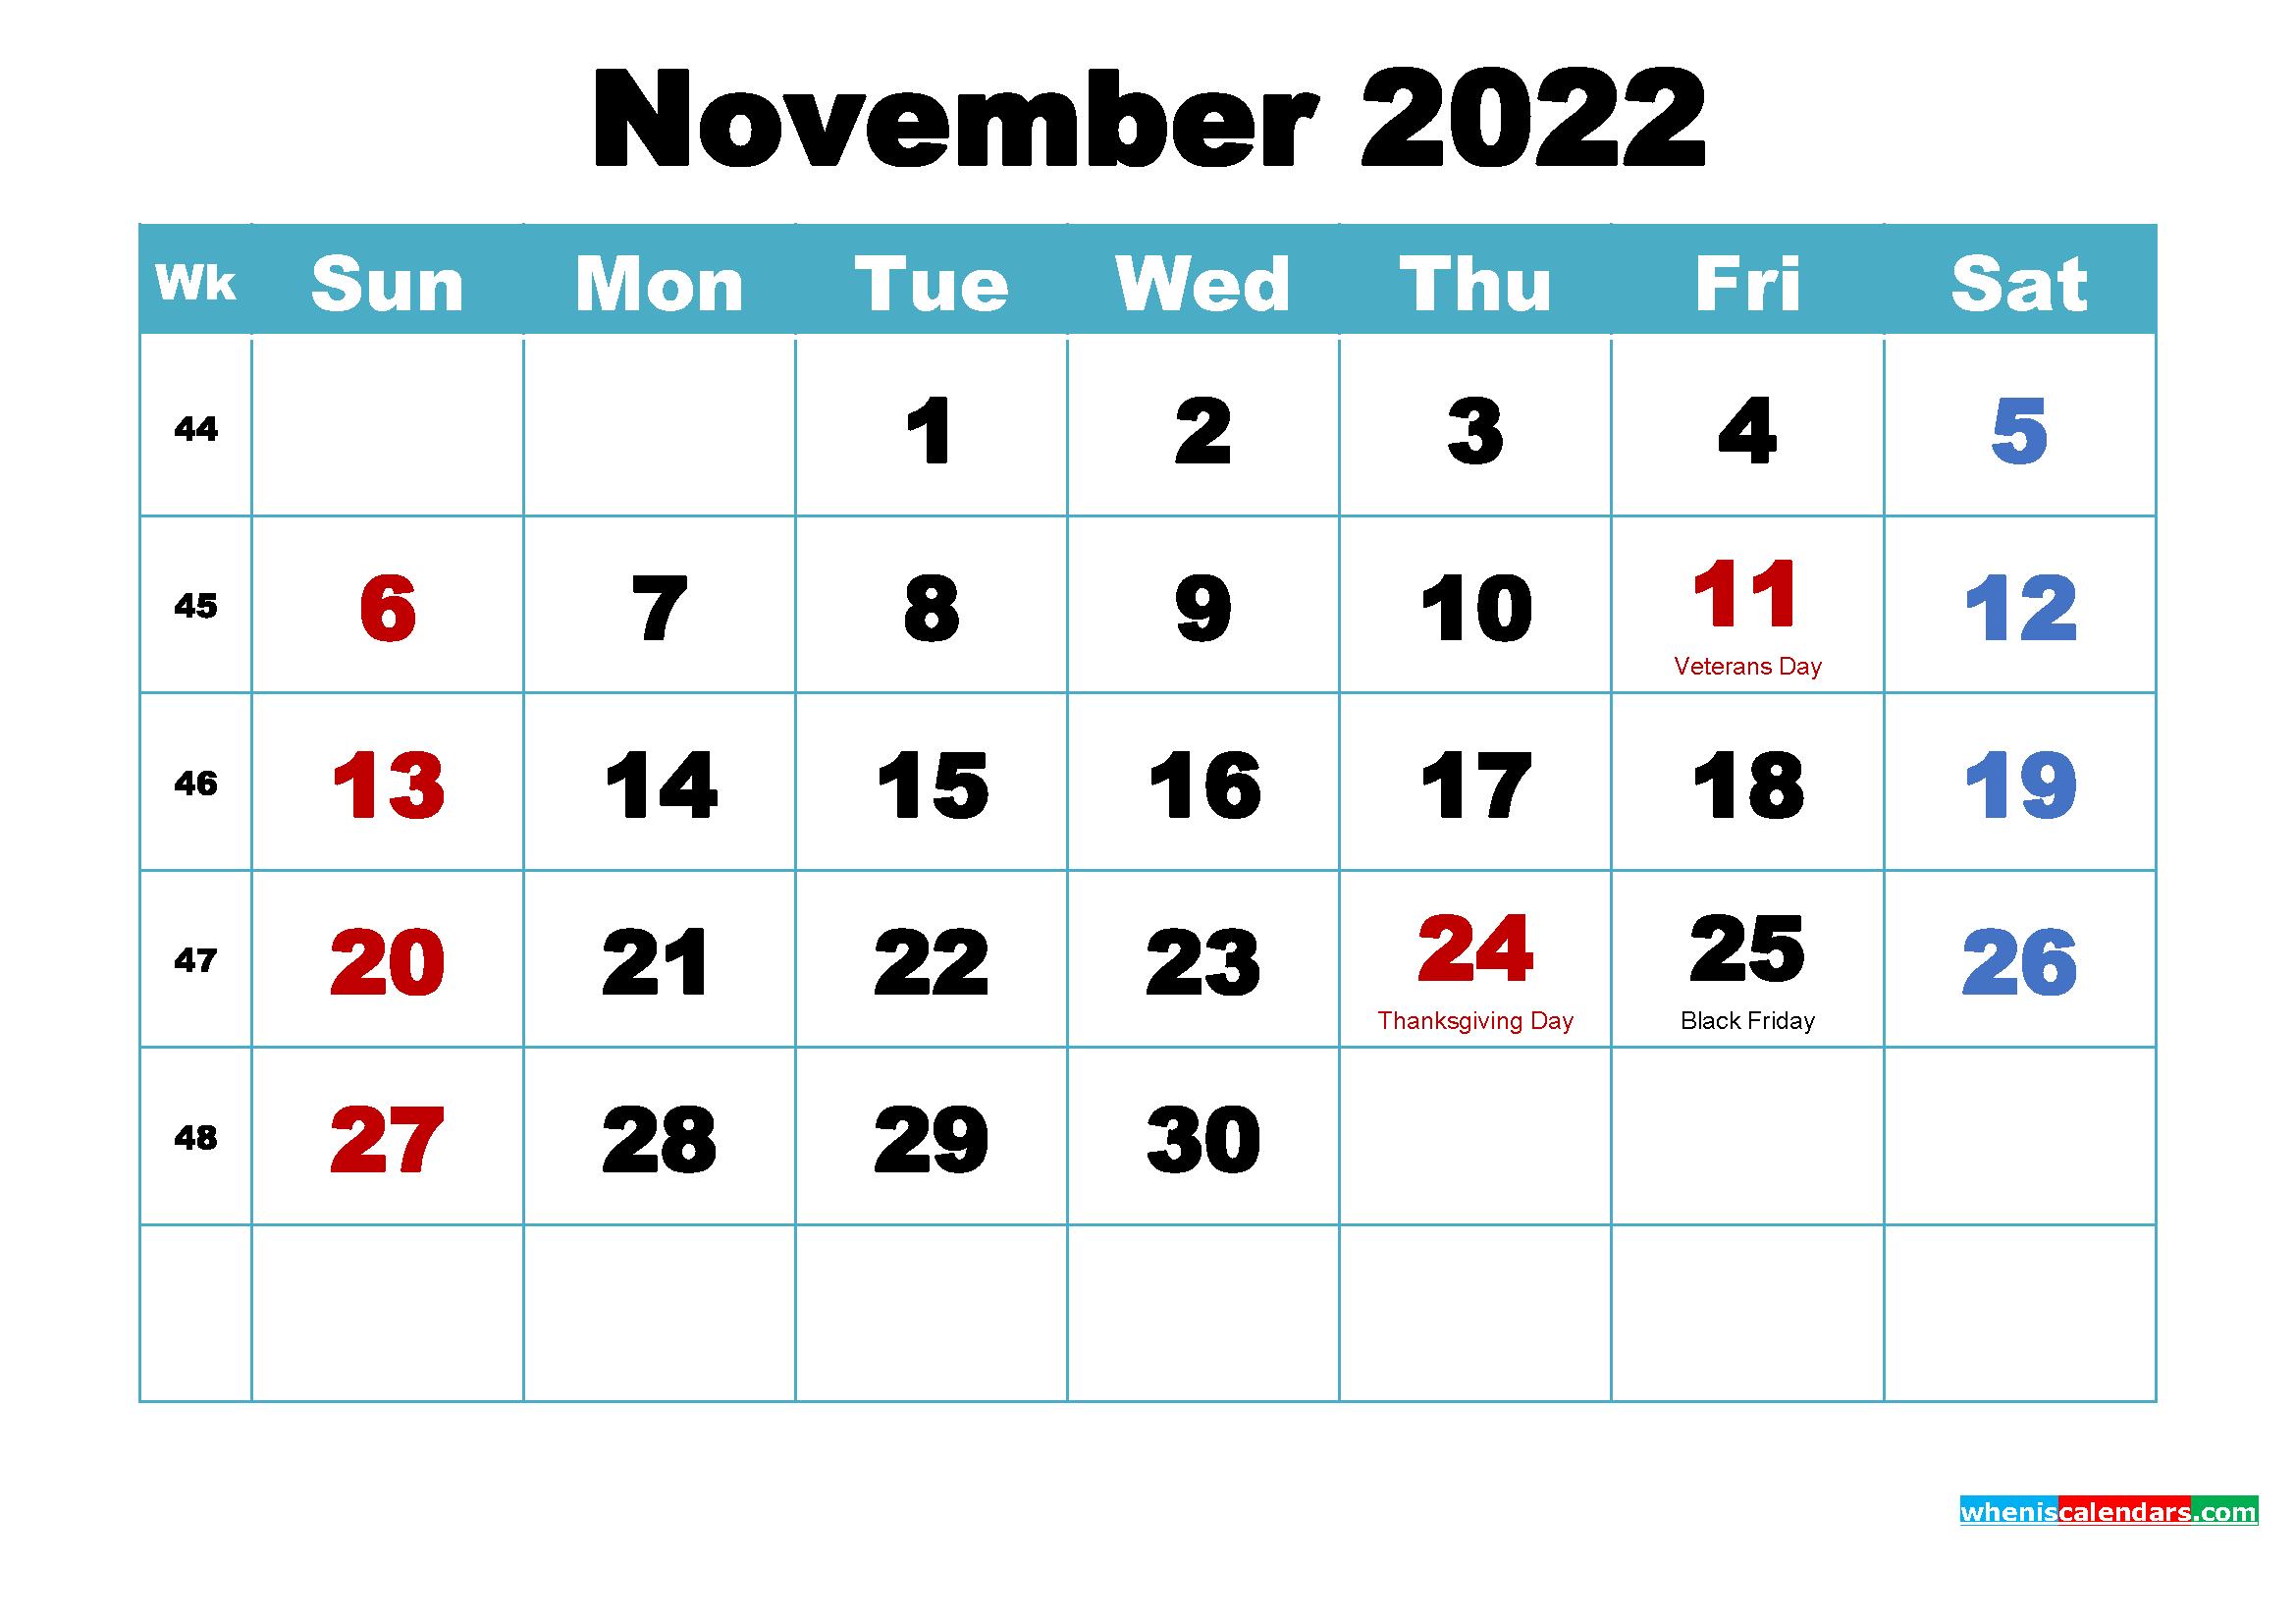 November 2022 Calendar Wallpaper Download 2339x1654